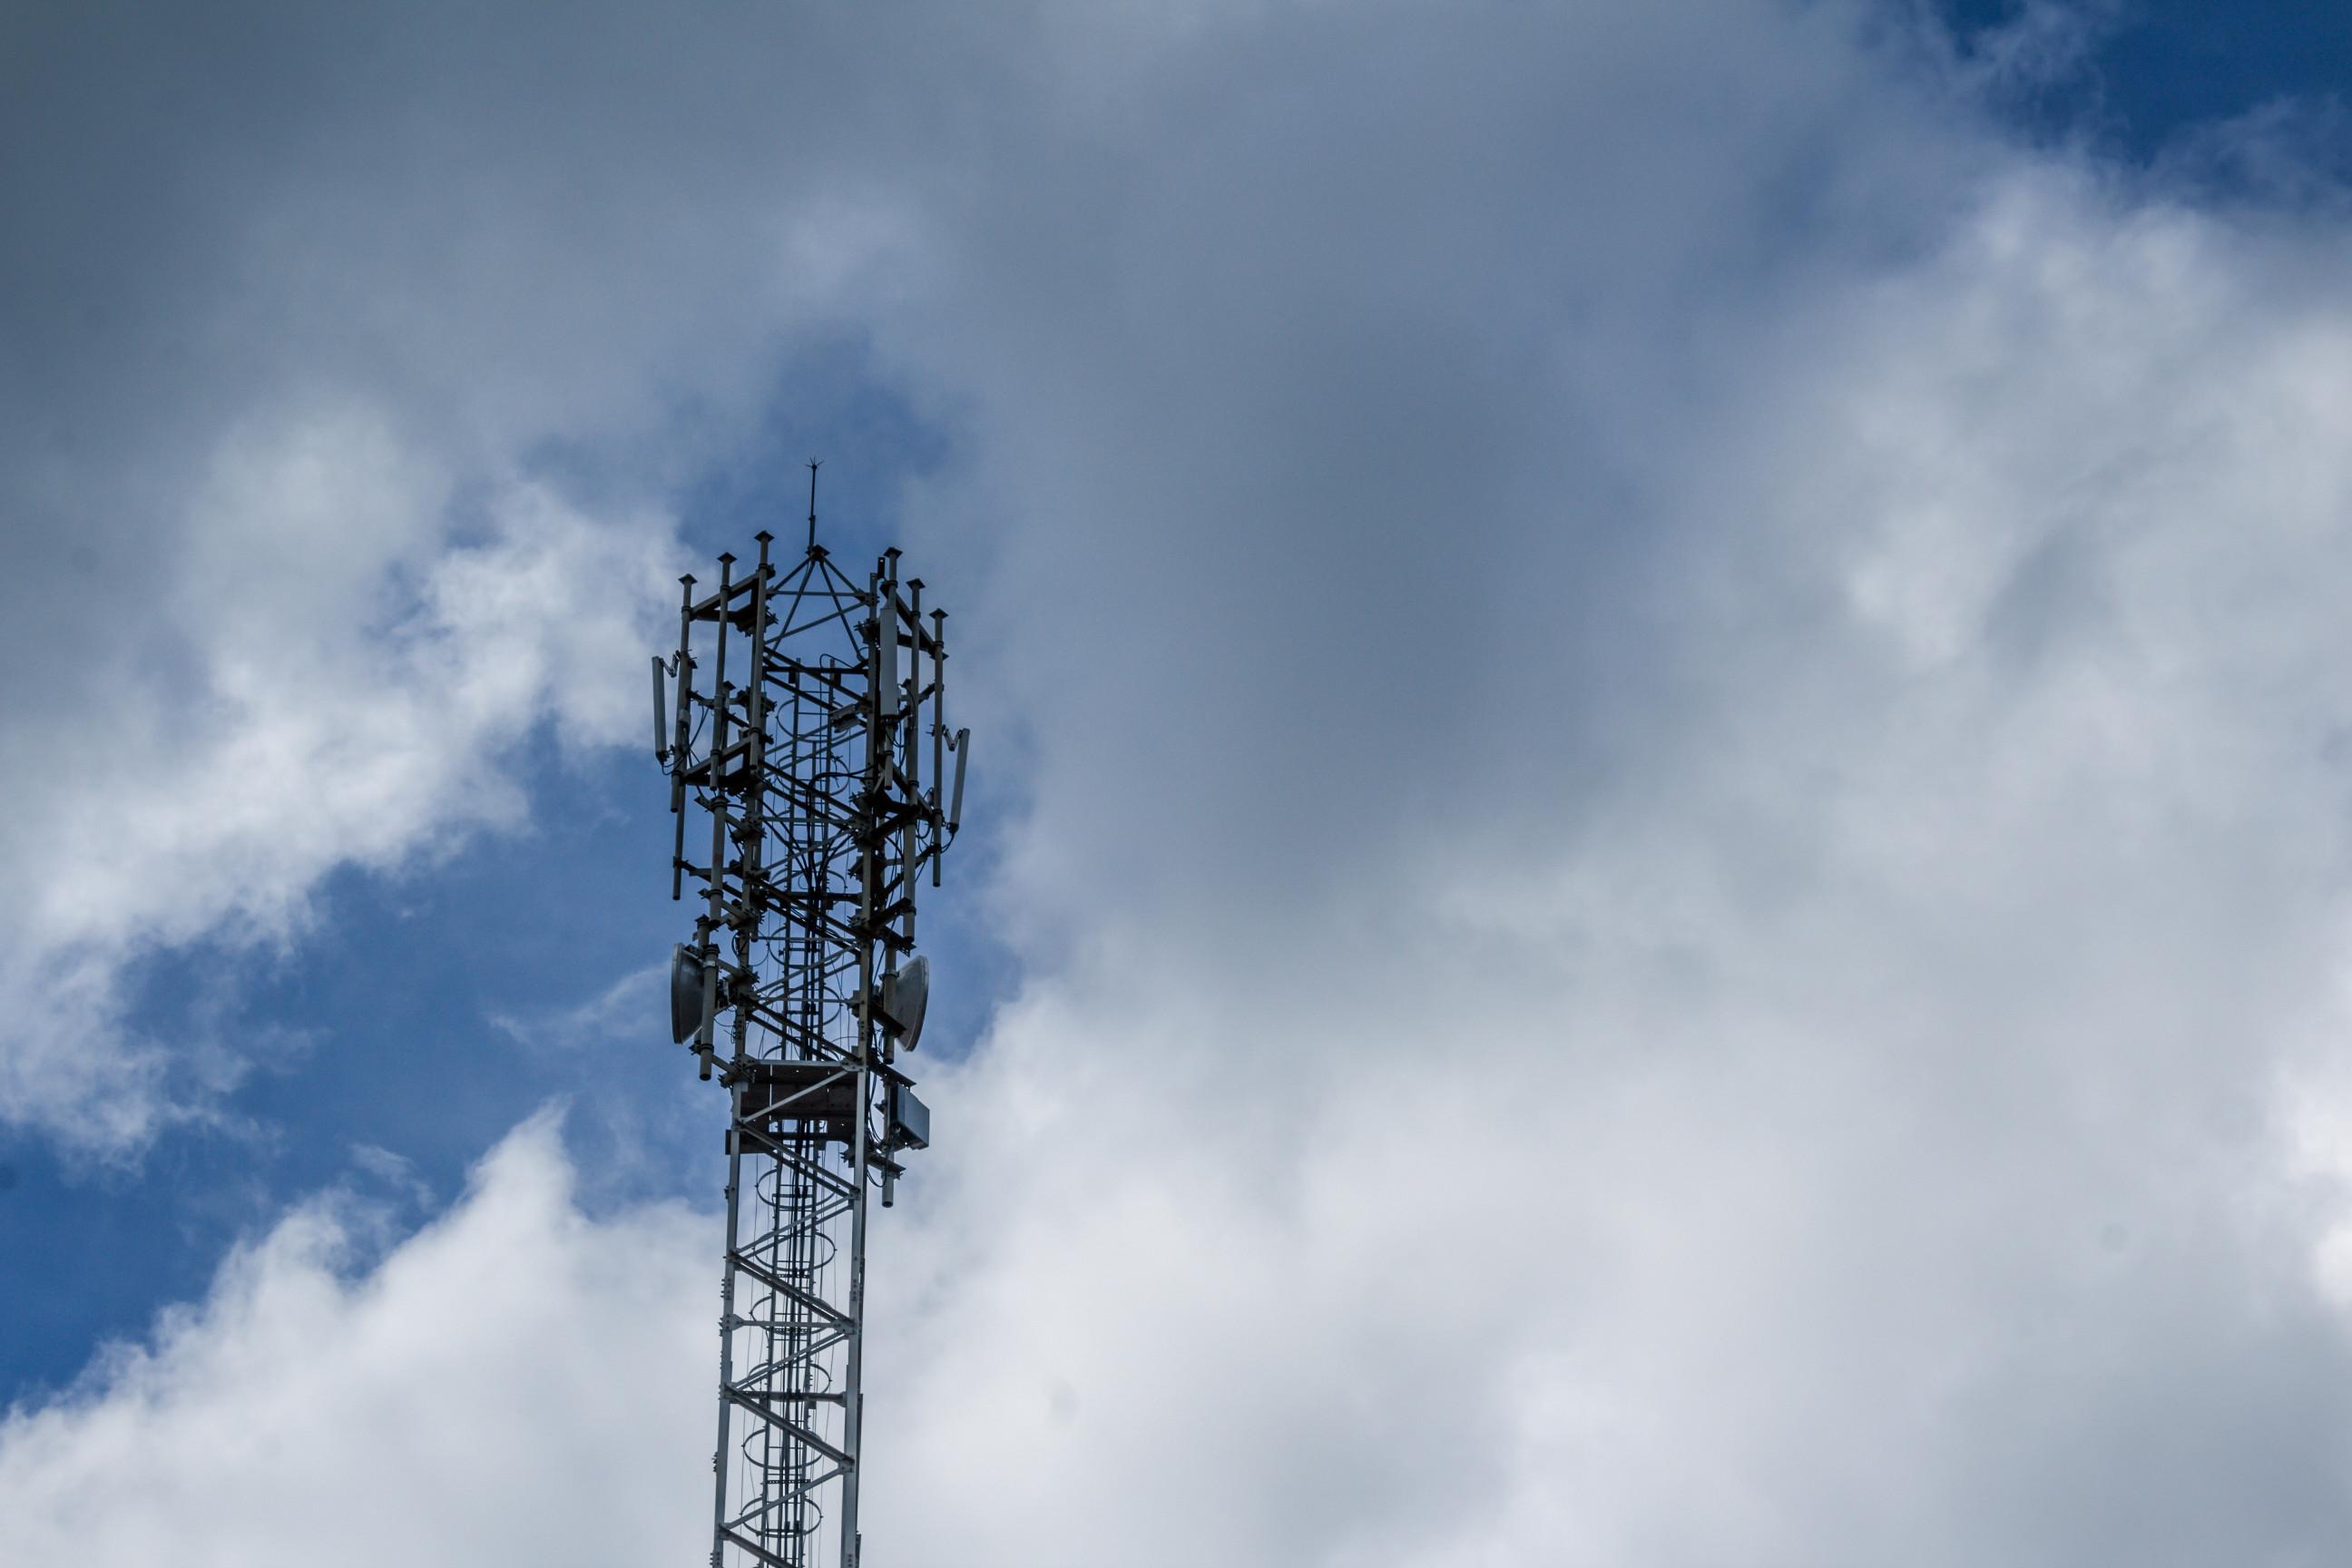 W planach budowa wieży nadajnikowej w Dzikowcu. Kiedy to nastąpi?  - Zdjęcie główne